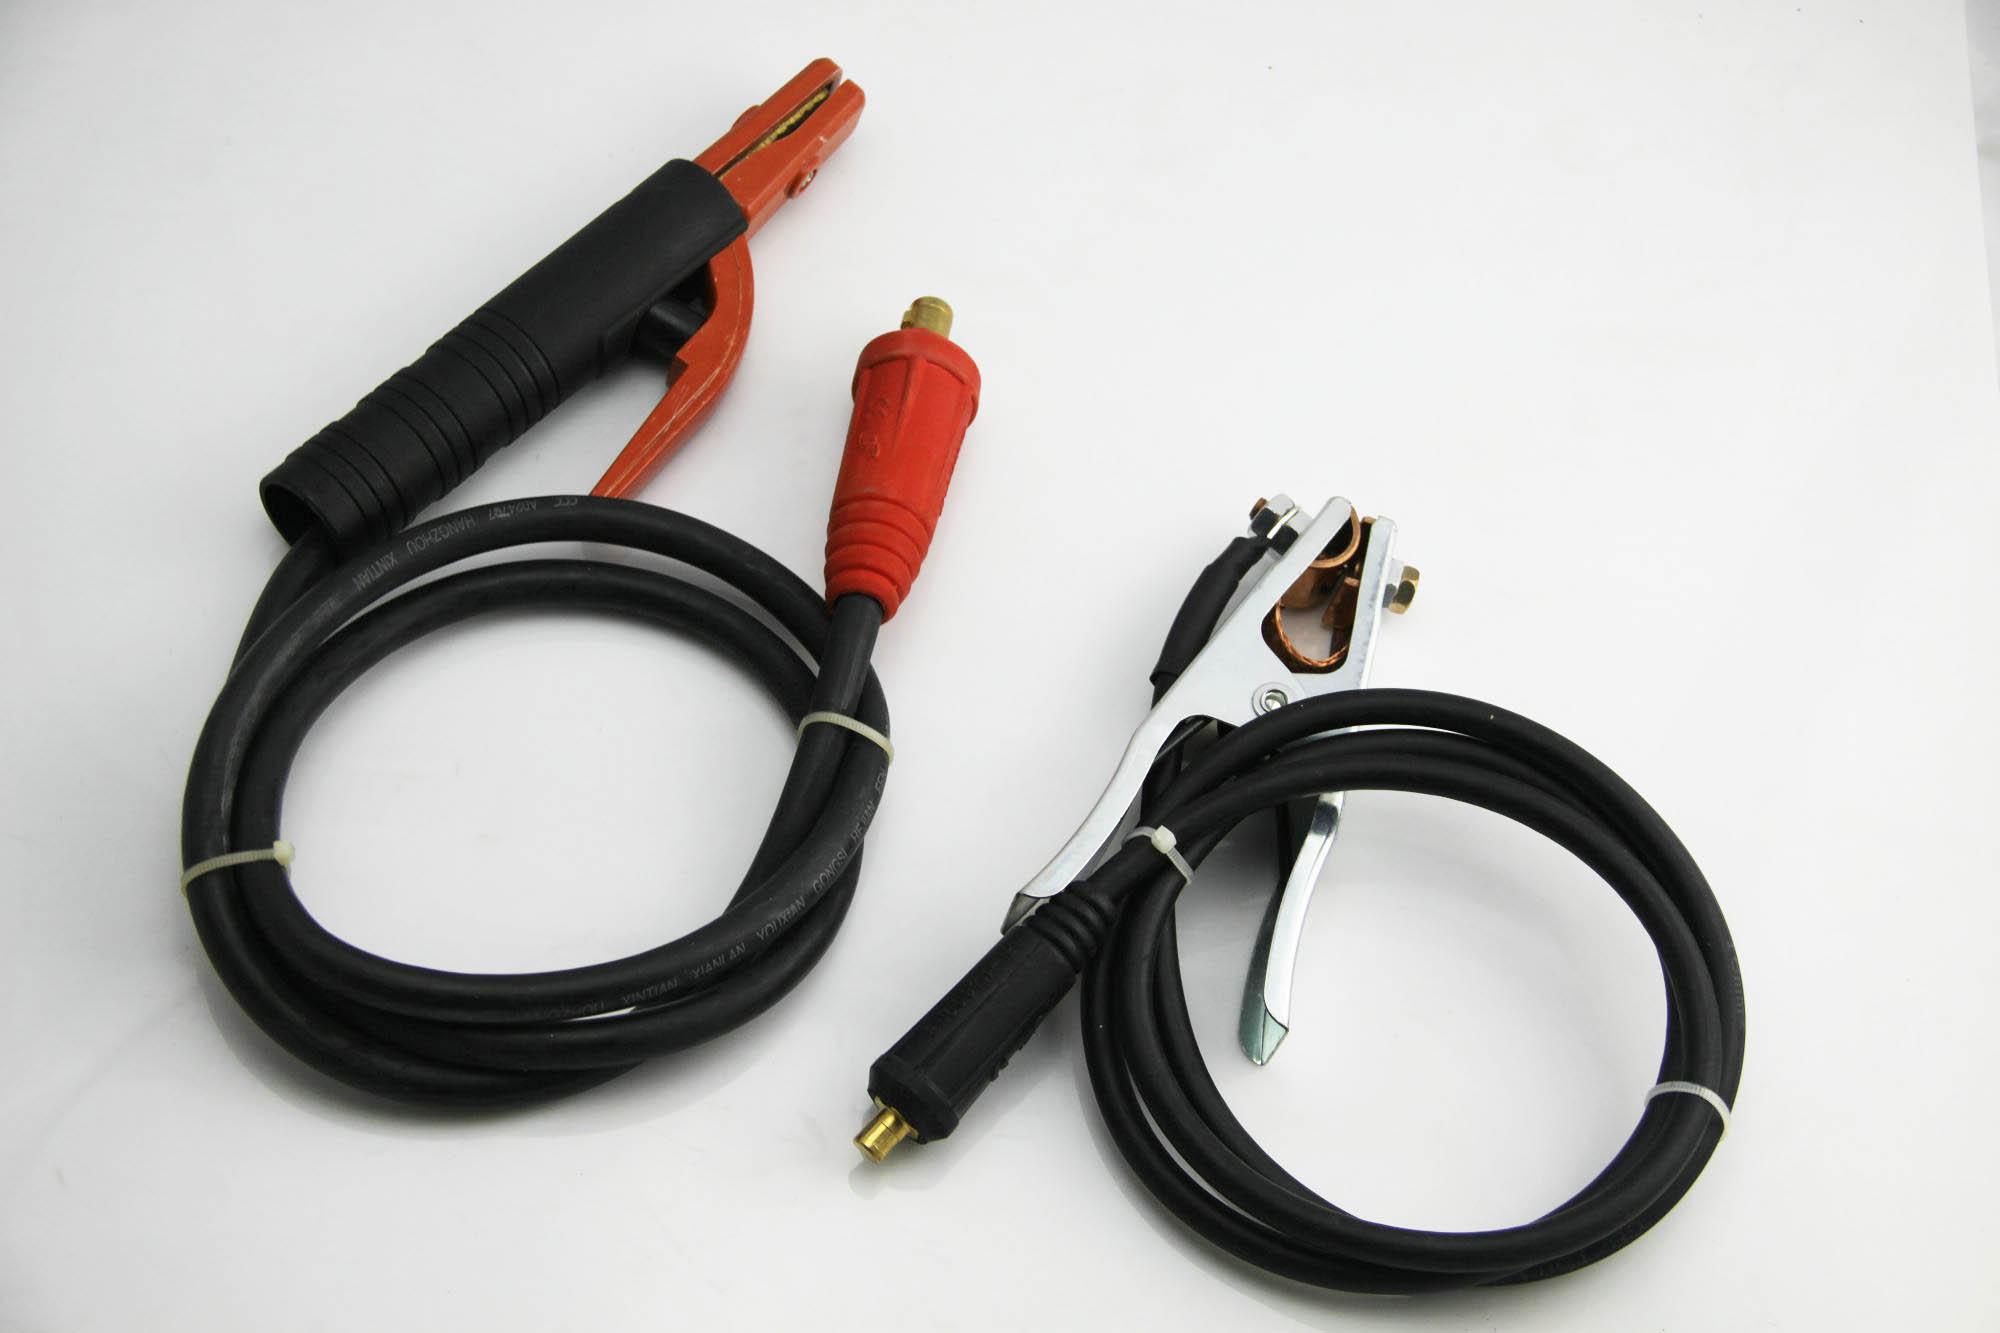 Сварочный кабель: какую марку, длину и сечение провода выбрать